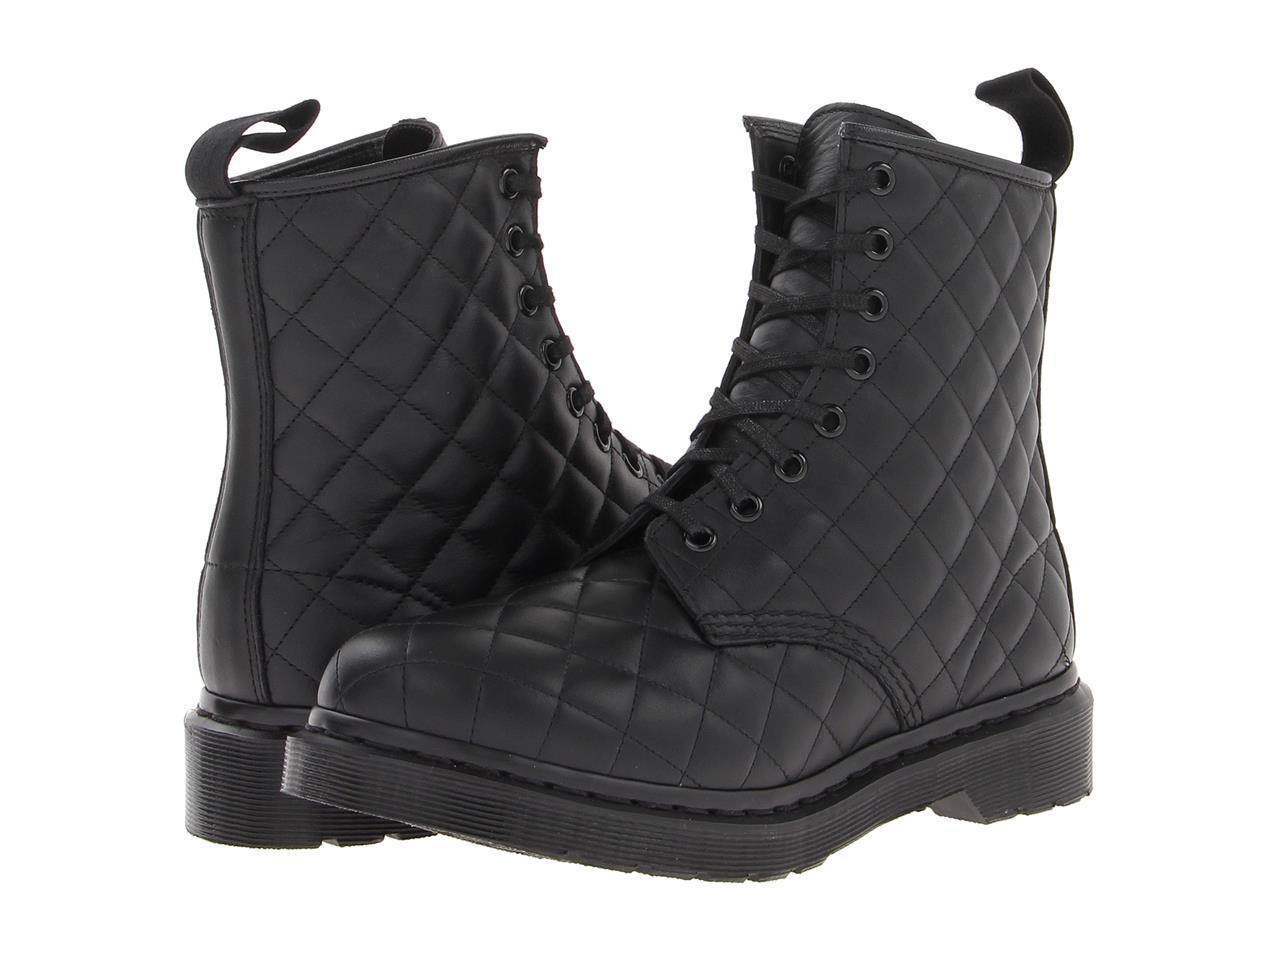 Doc Martens Diamante Acolchado De Cuero Negro Negro Negro botas De Combate.. 8 Ojales Nuevo sin etiquetas WMS c5fb6b